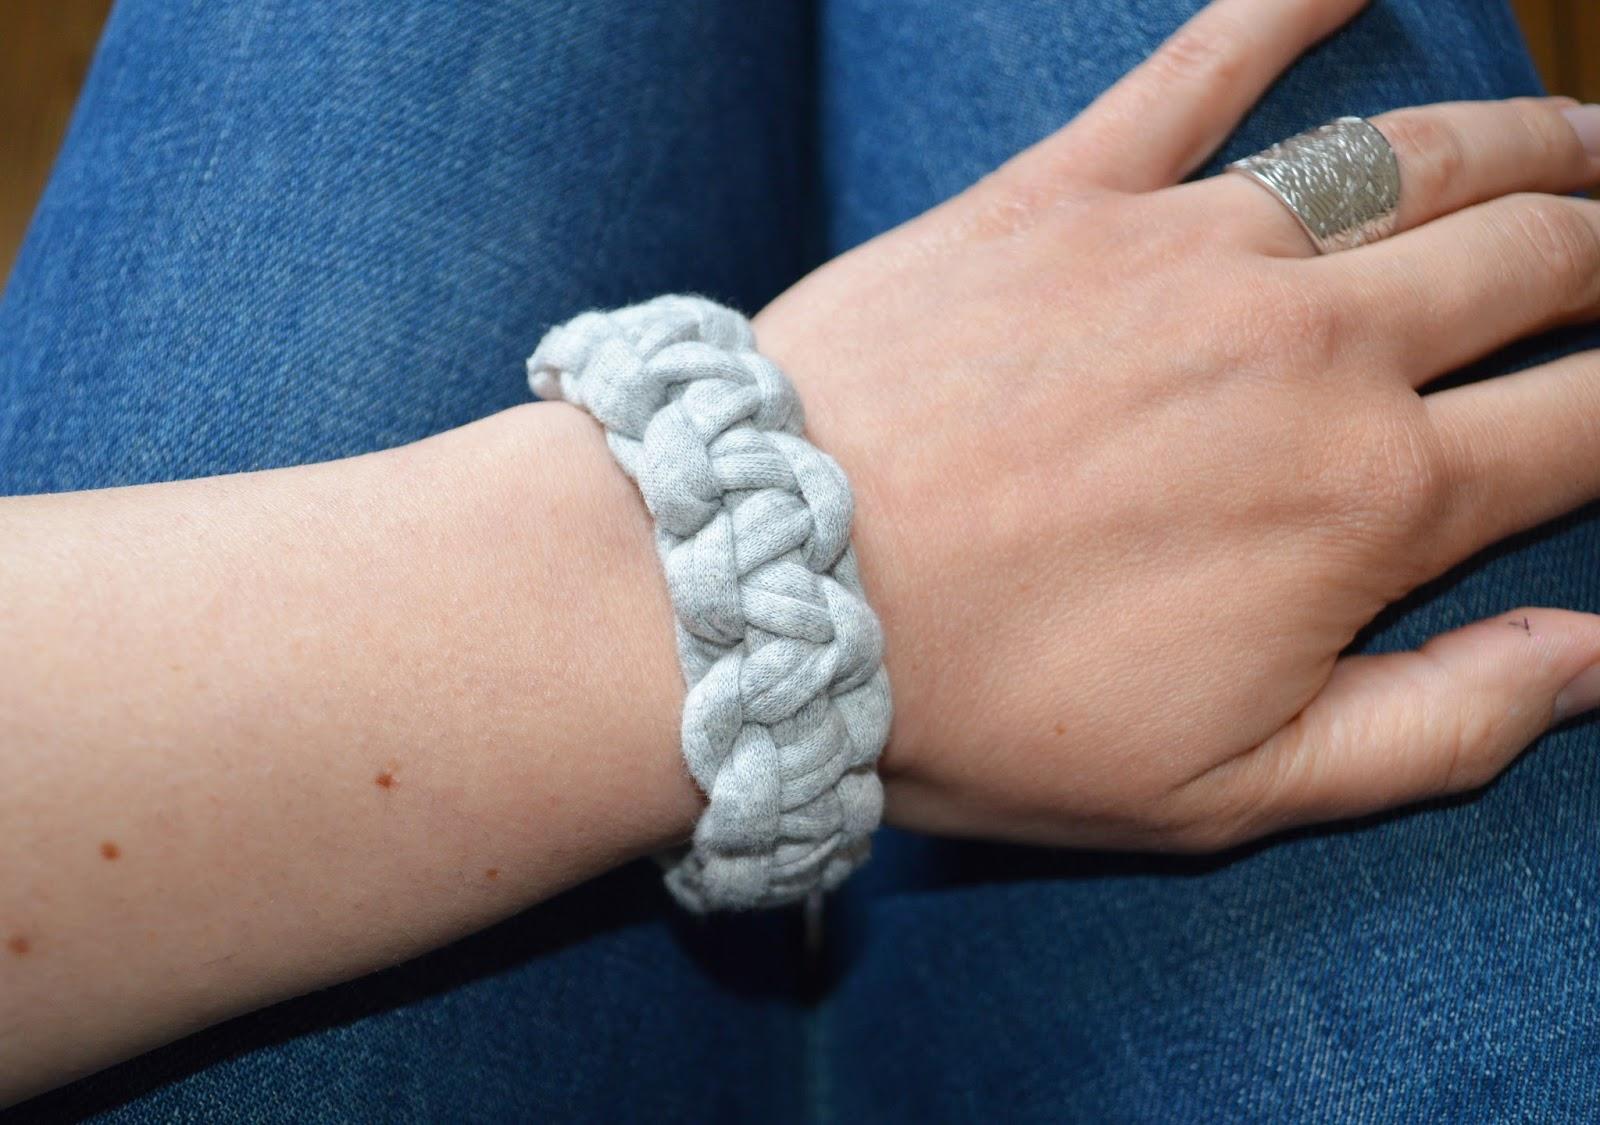 Le bracelet en macramé.